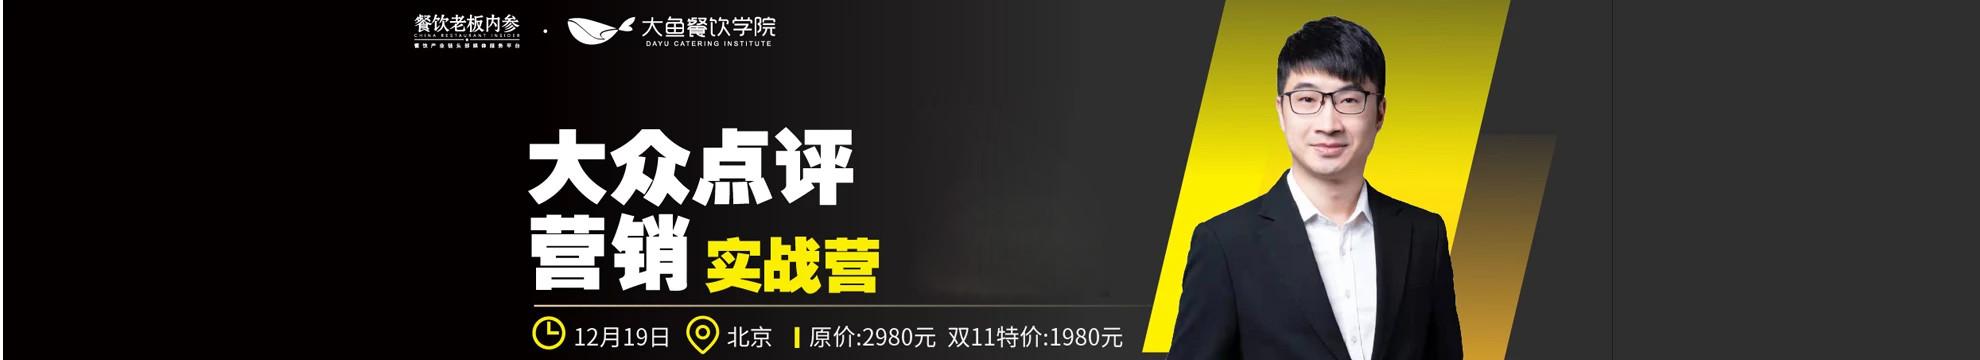 2019大眾點評營銷實戰營(12月北京班)